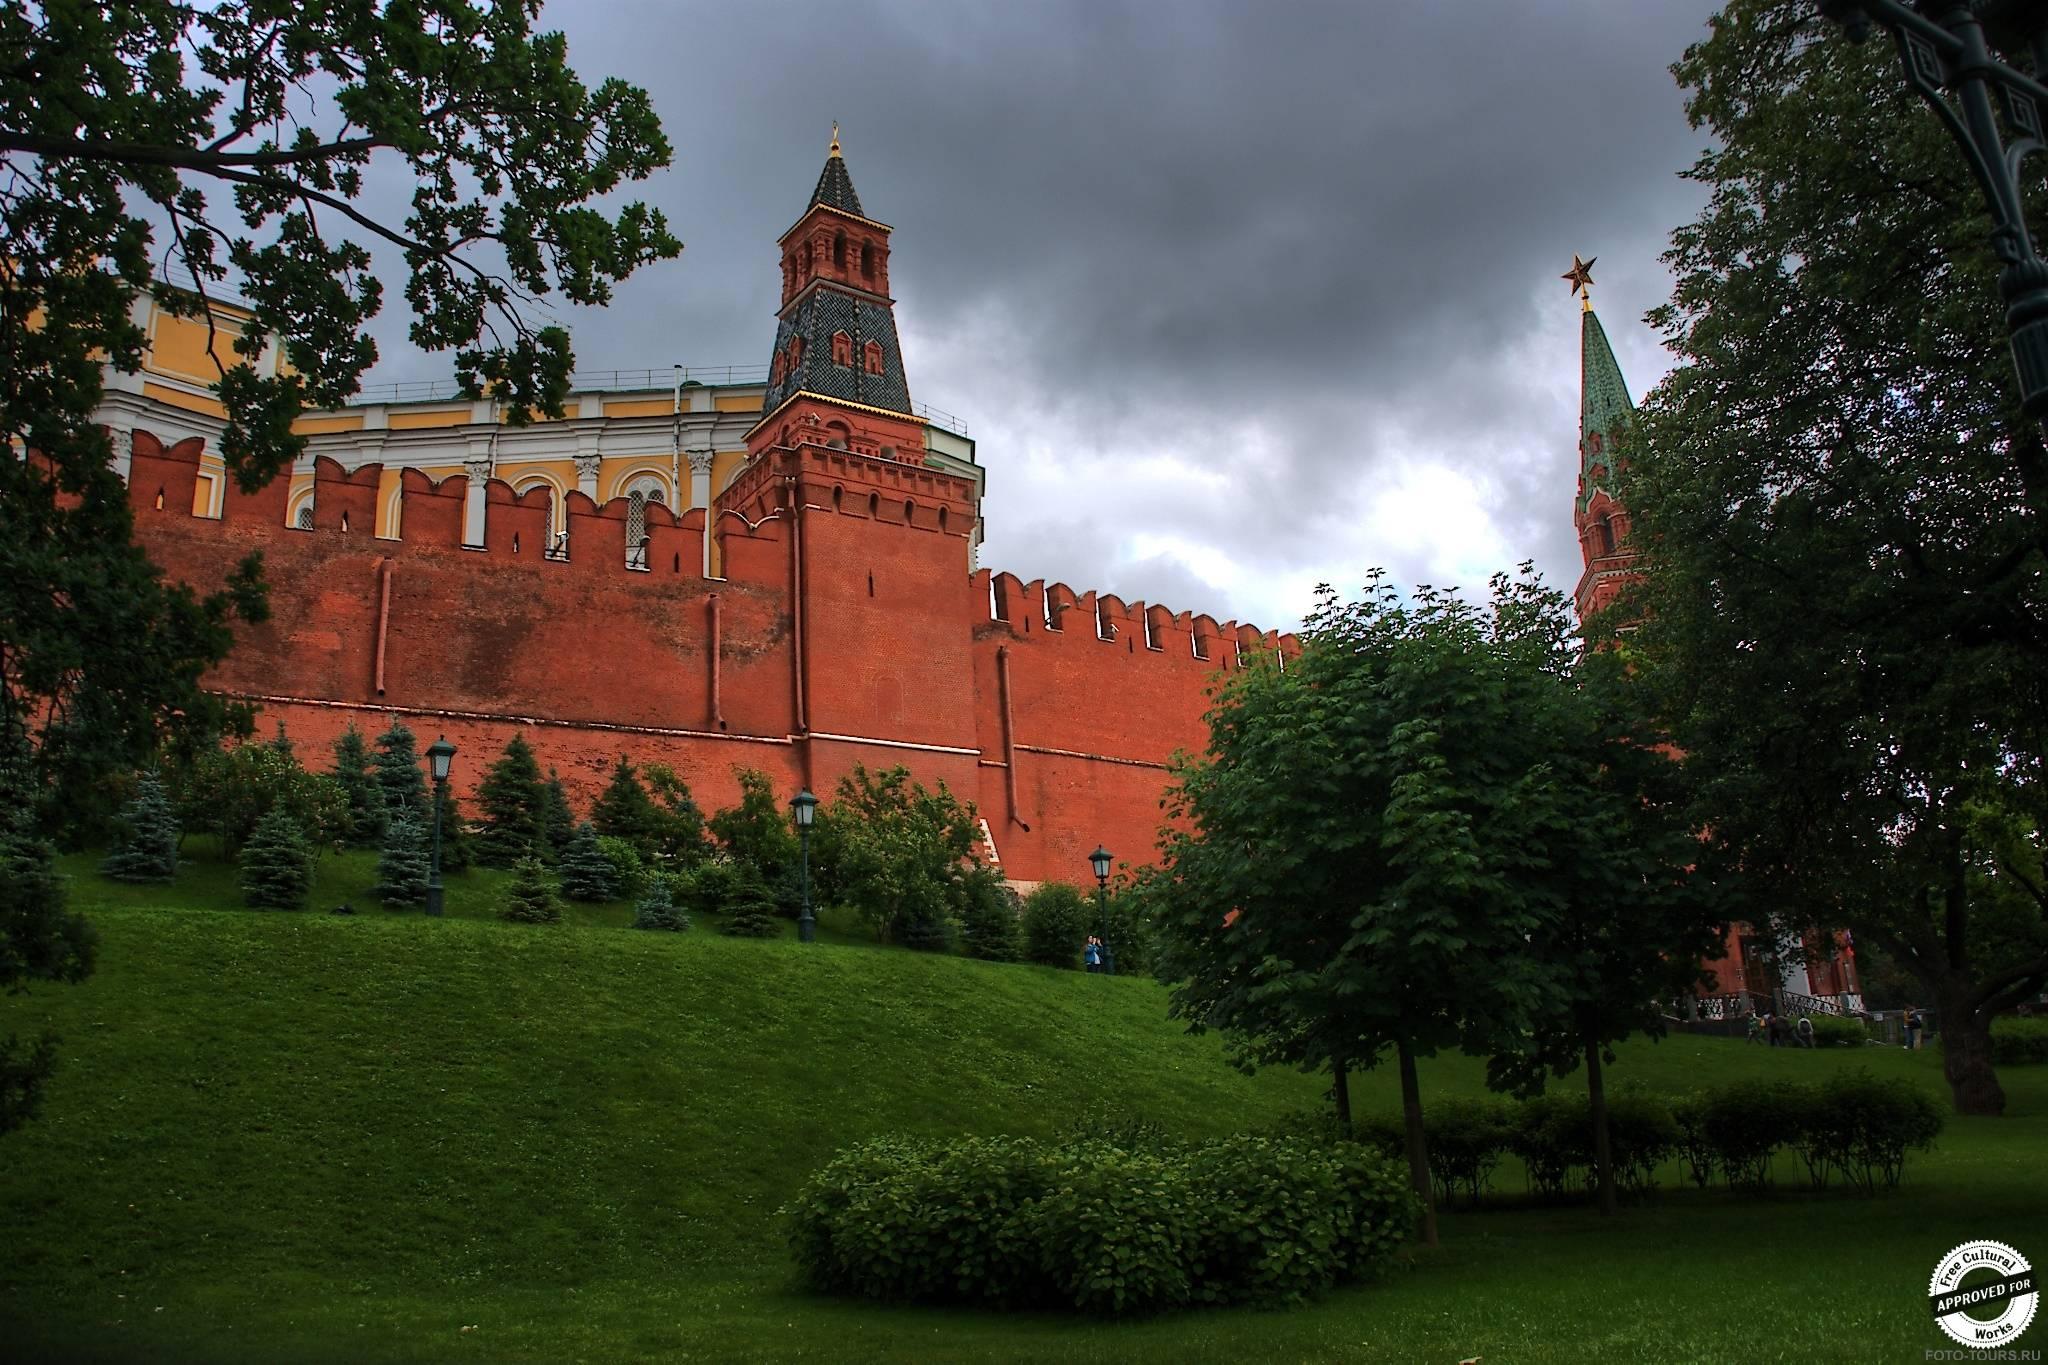 Стены московского кремля в Александровском Саде, Москва, Россия.